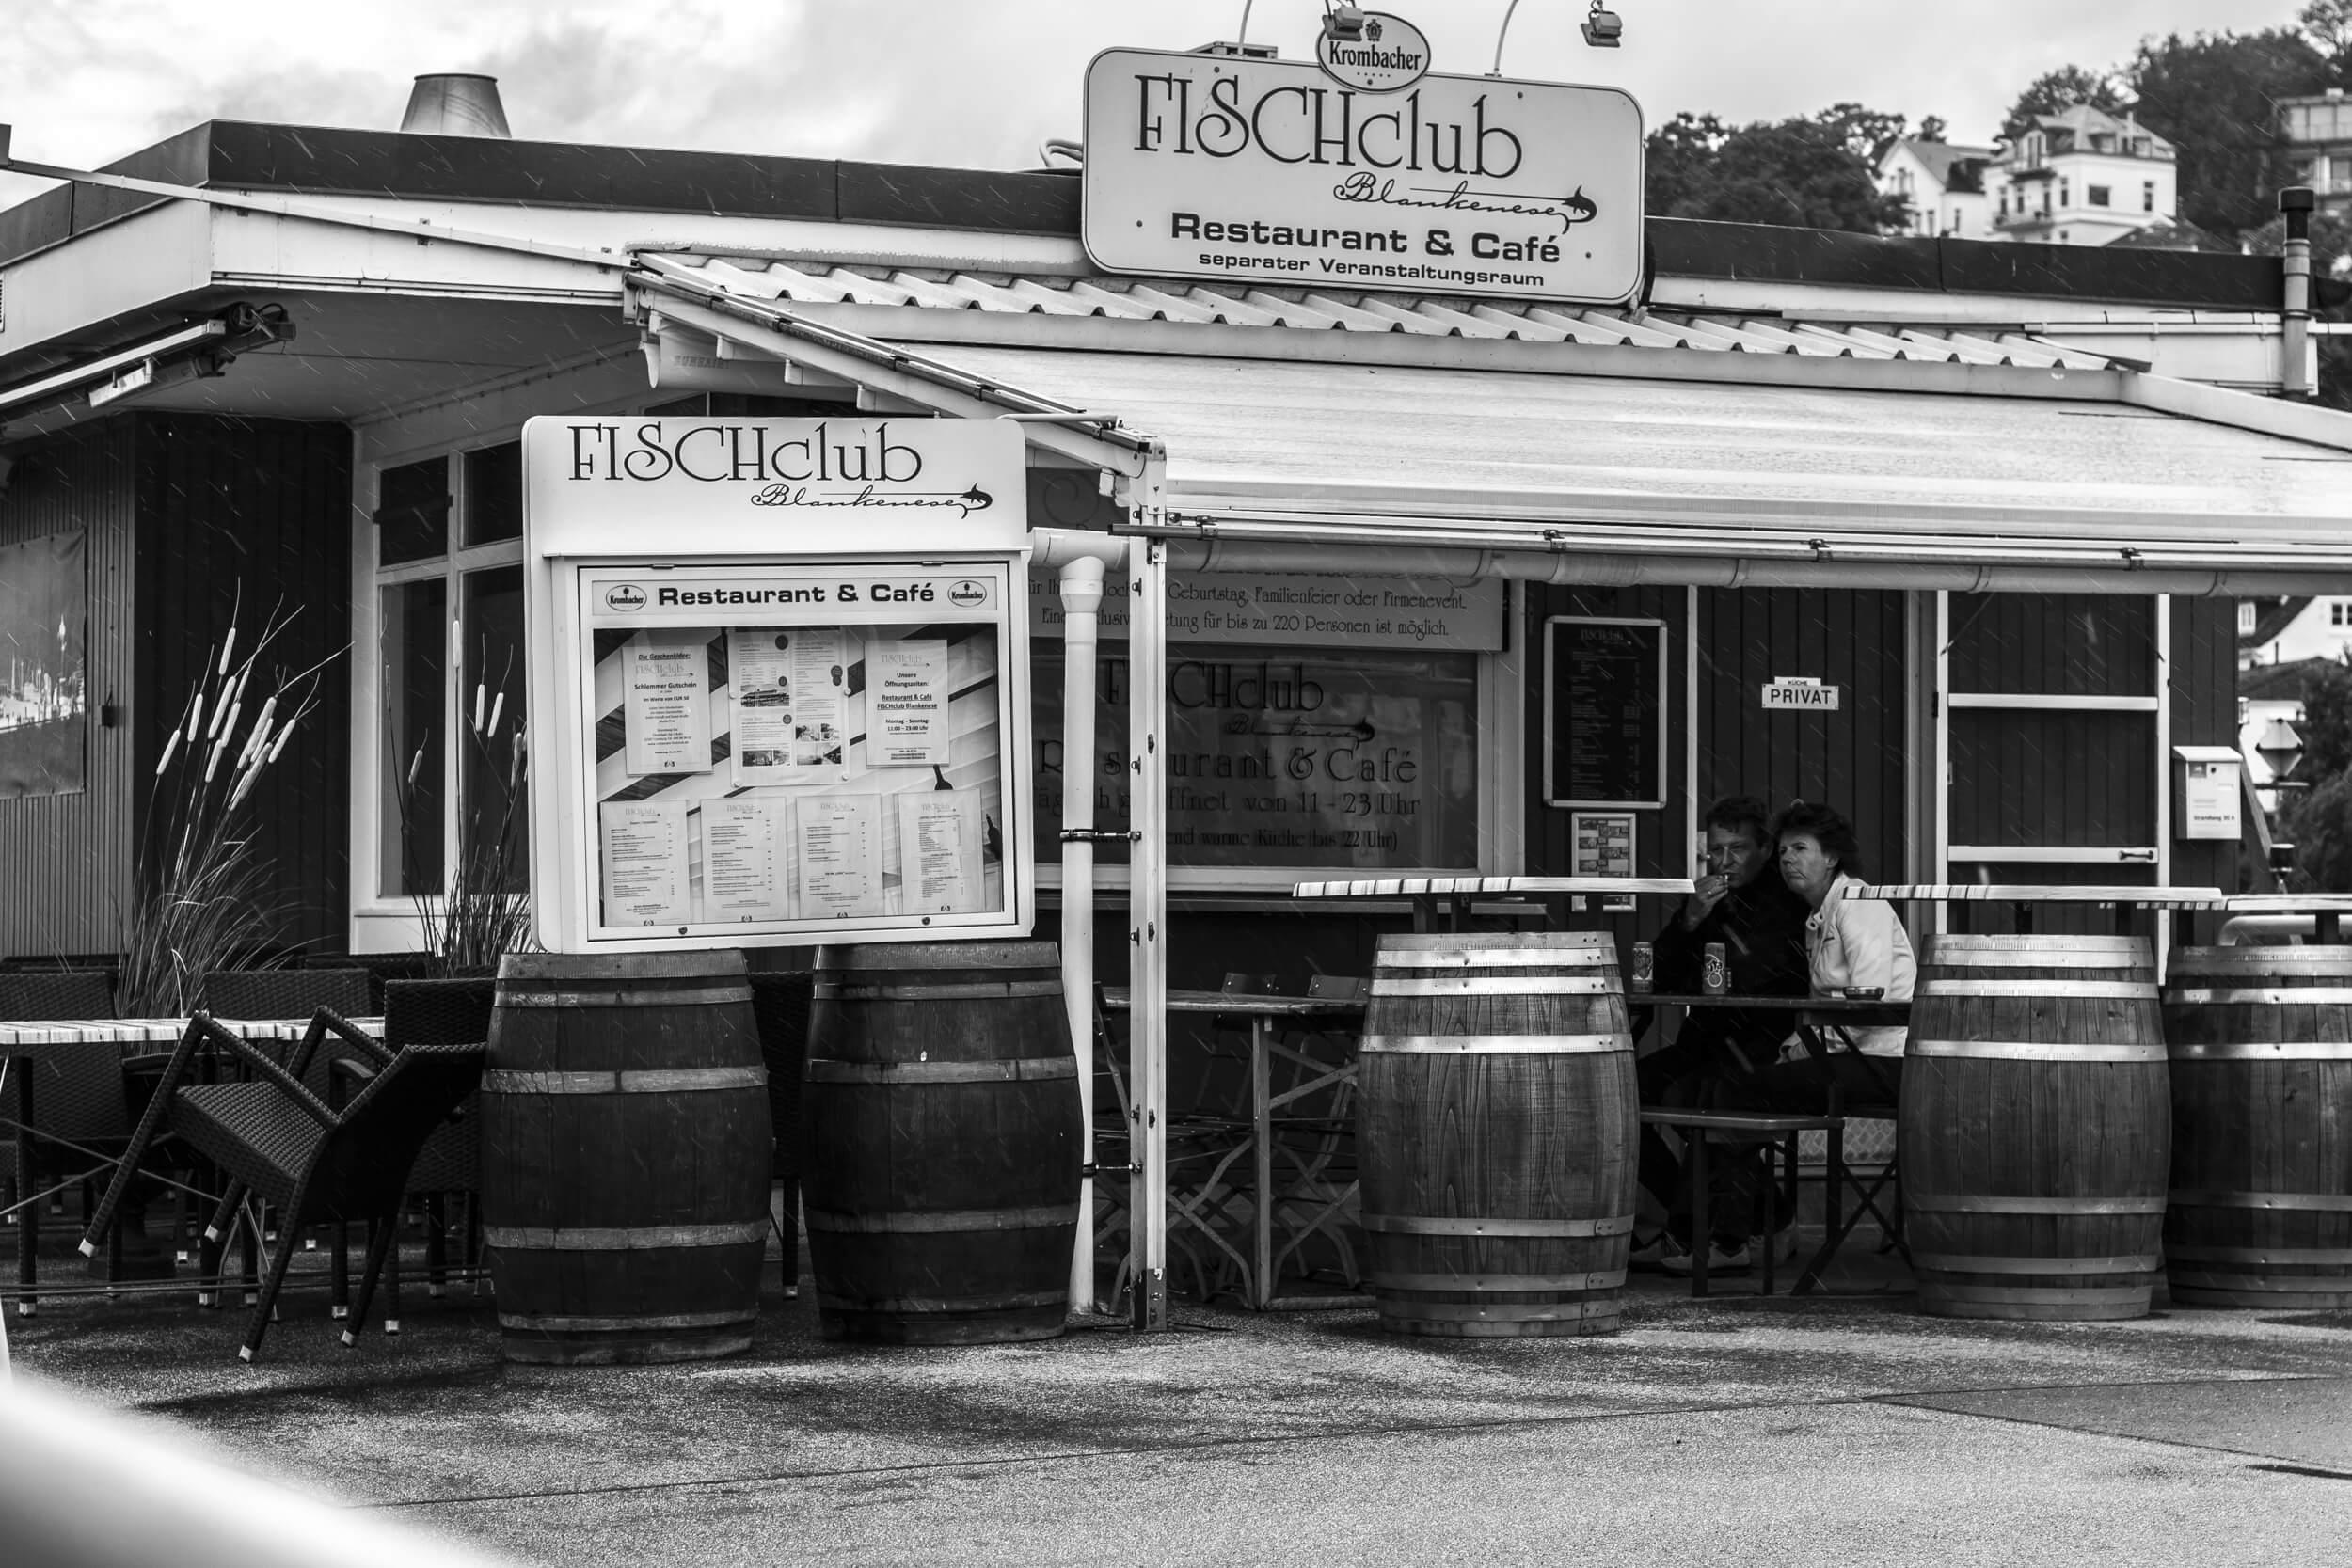 Das Restaurant Fischclub in Blankenese